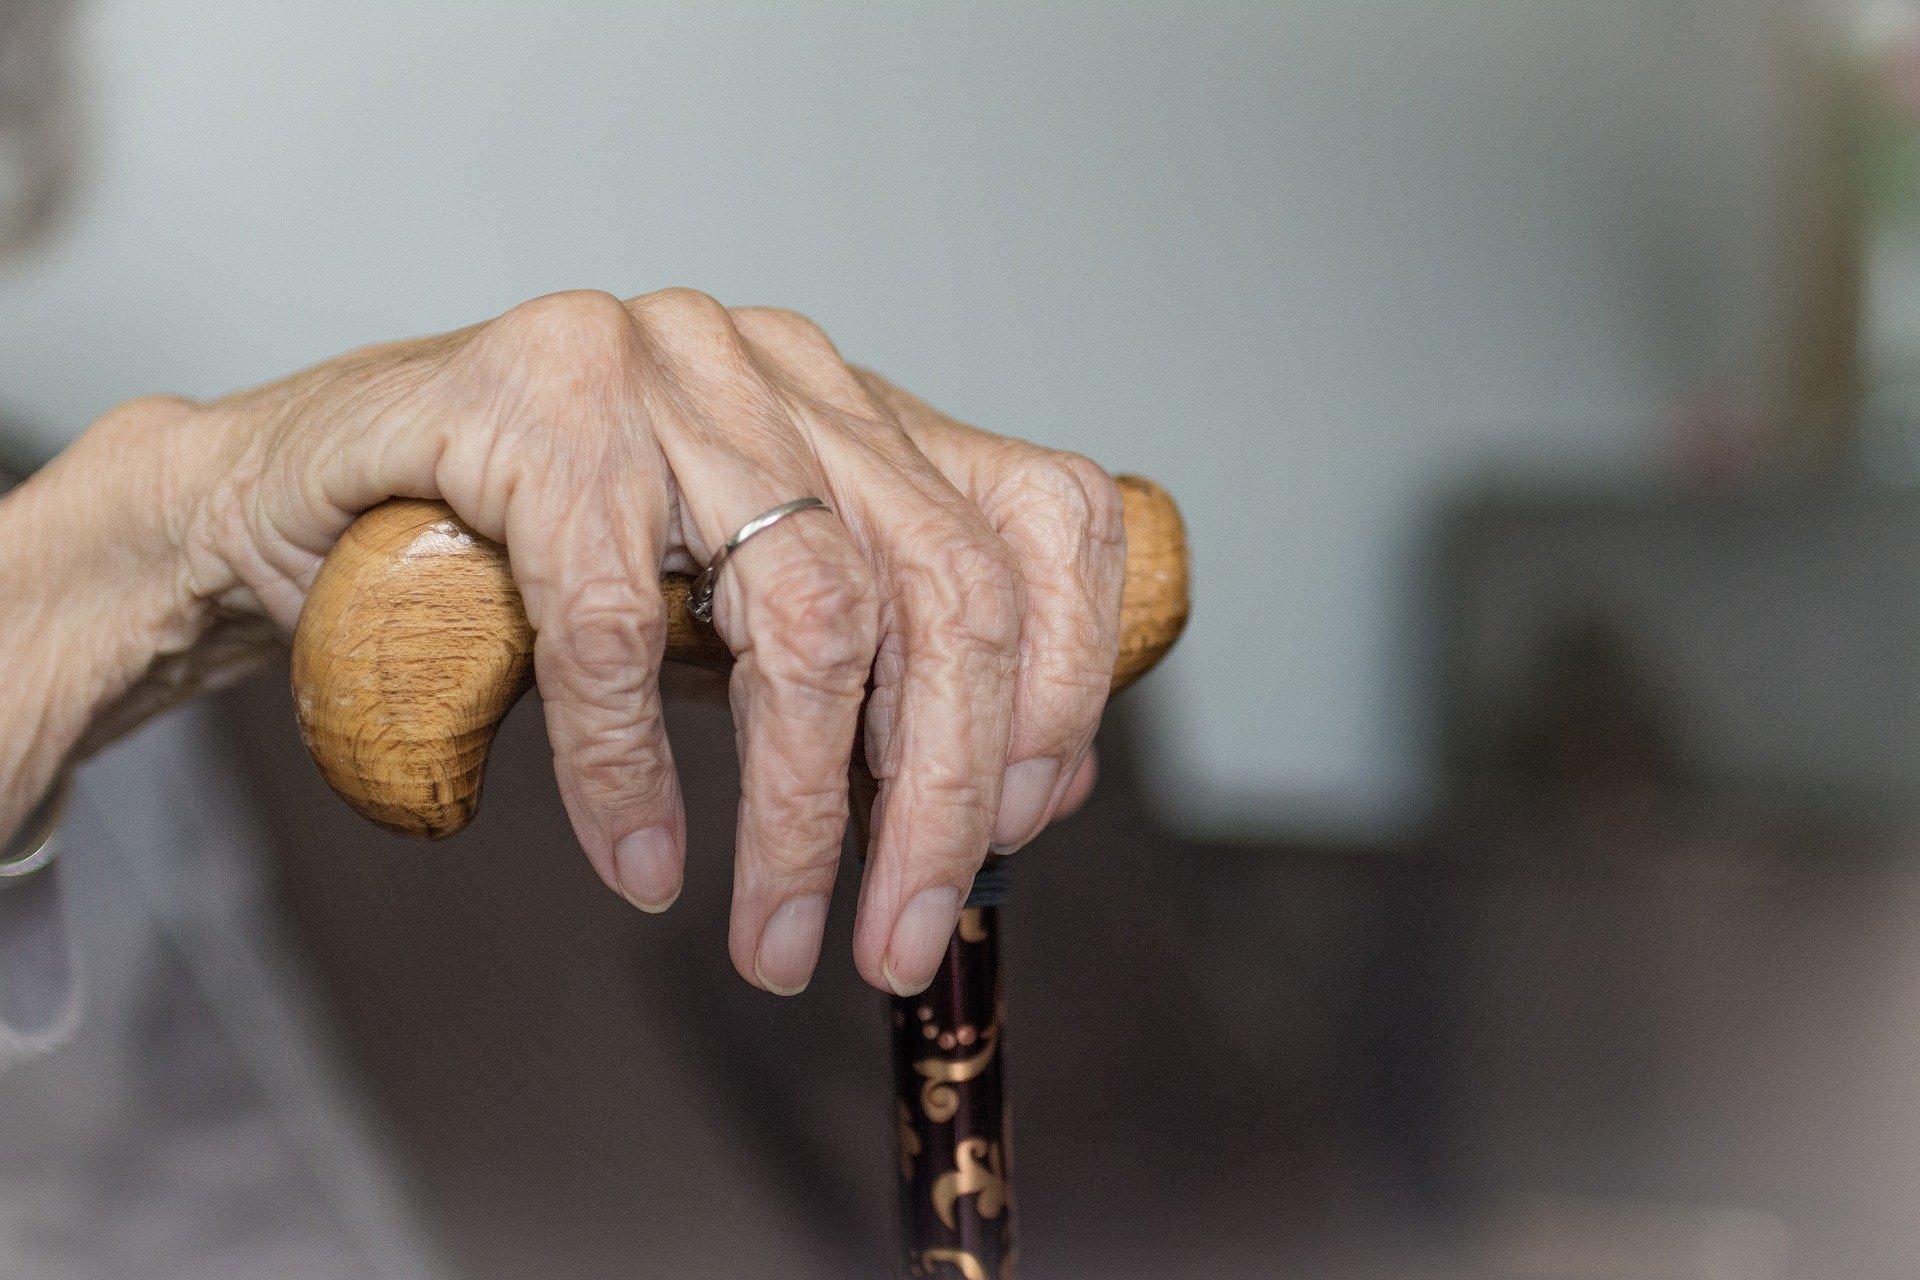 В России с апреля проиндексируют социальные пенсии на 6,1%